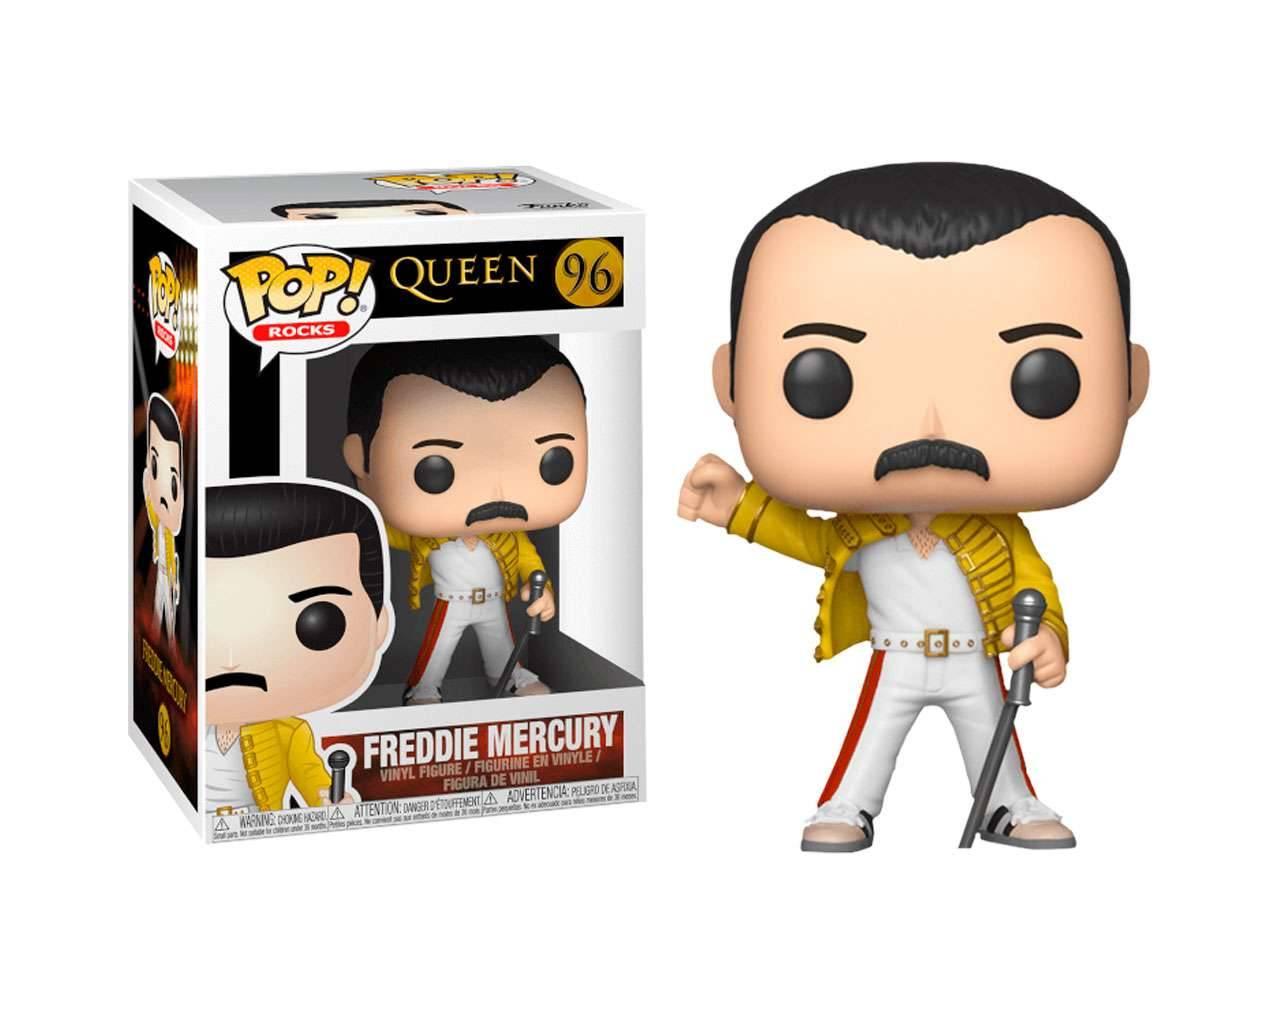 Freddie Mercury (Wembley 1986) Pop! Vinyl